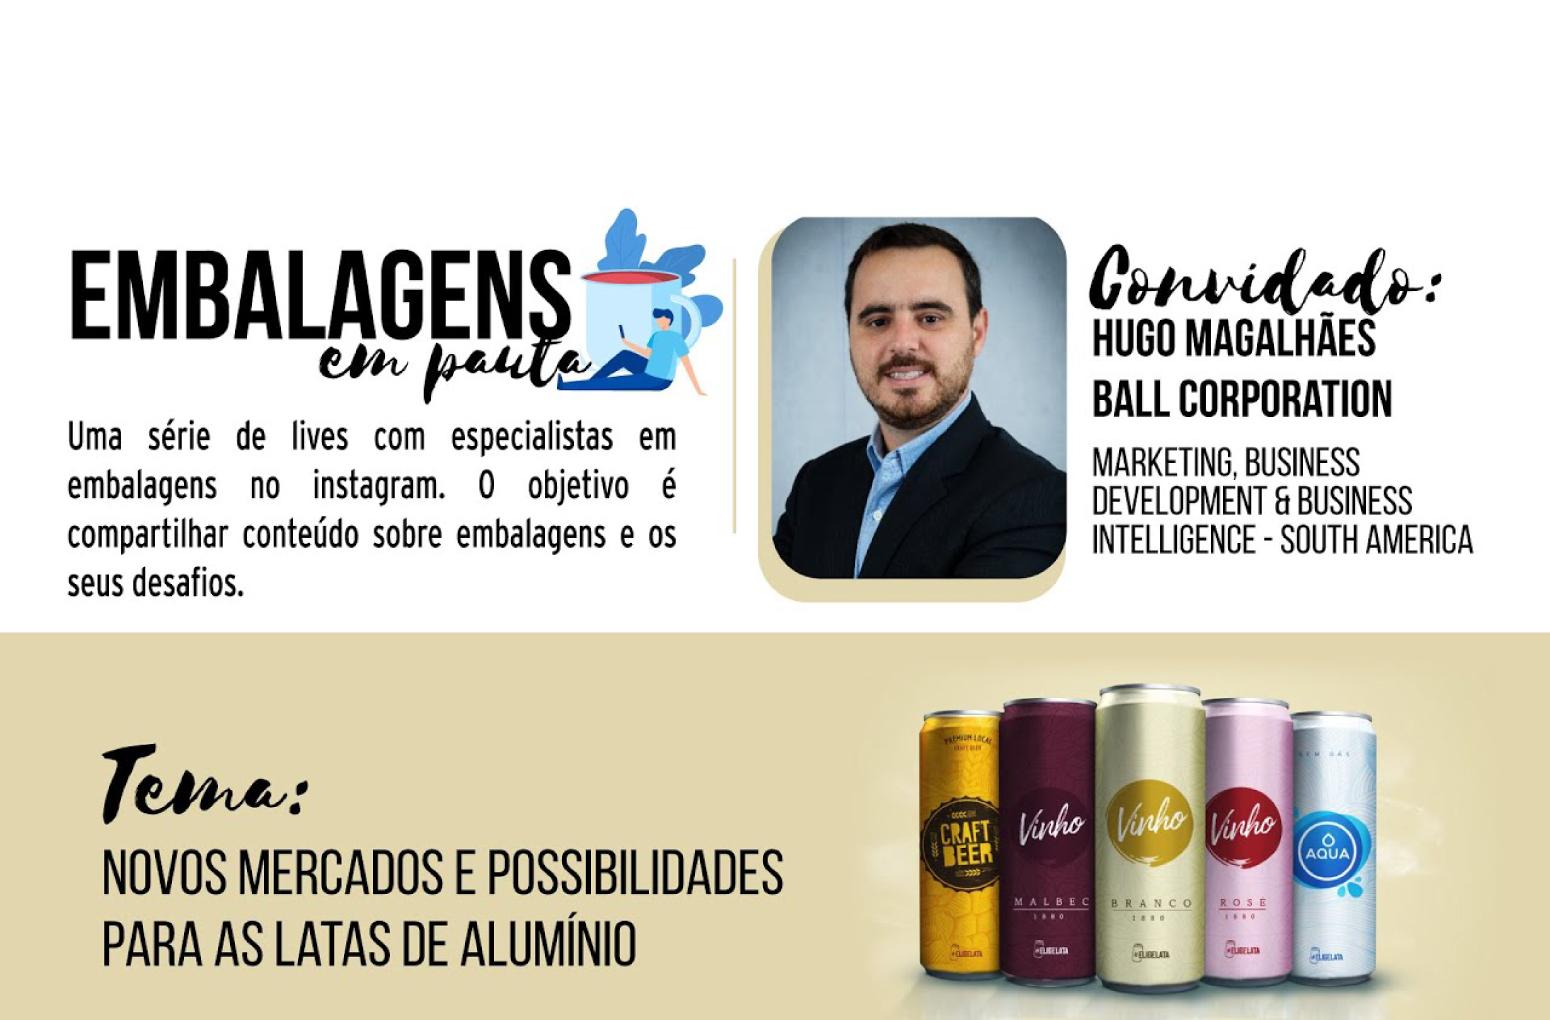 Hugo-magalhães